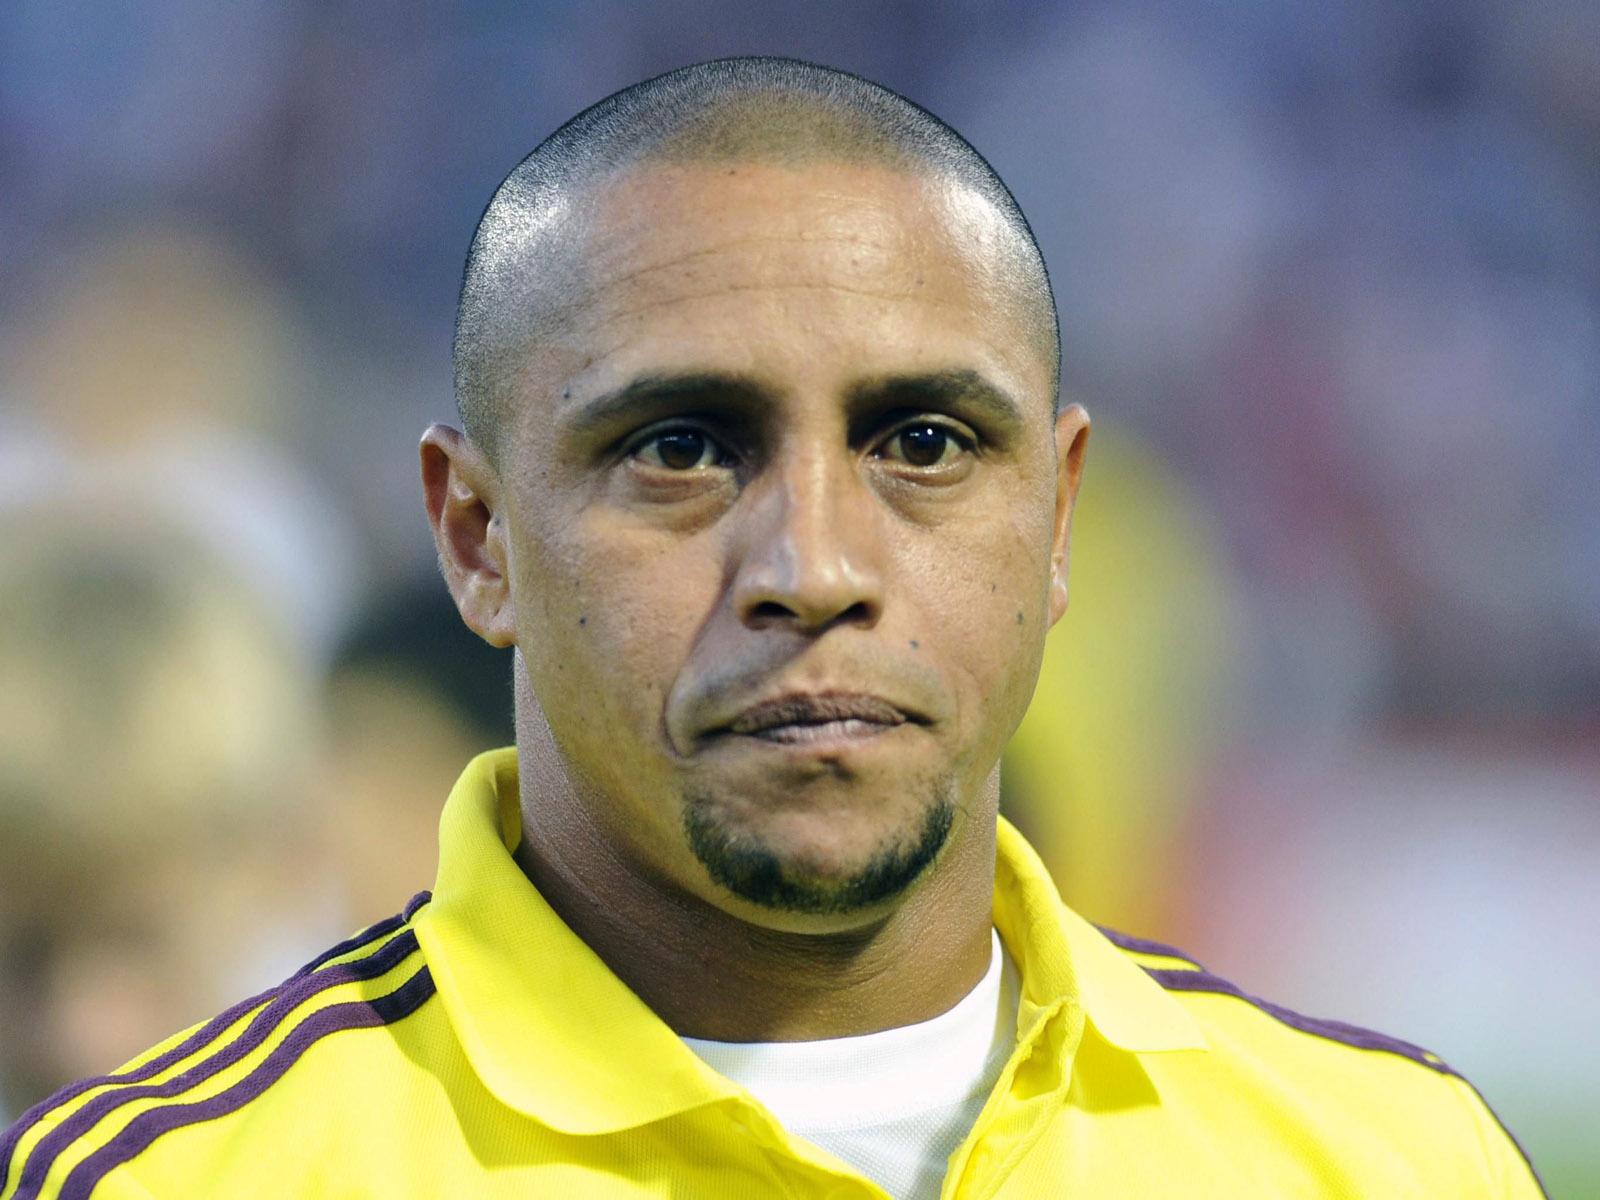 ARD-Recherche: Brasiliens Spitzensport gerät unter Dopingverdacht